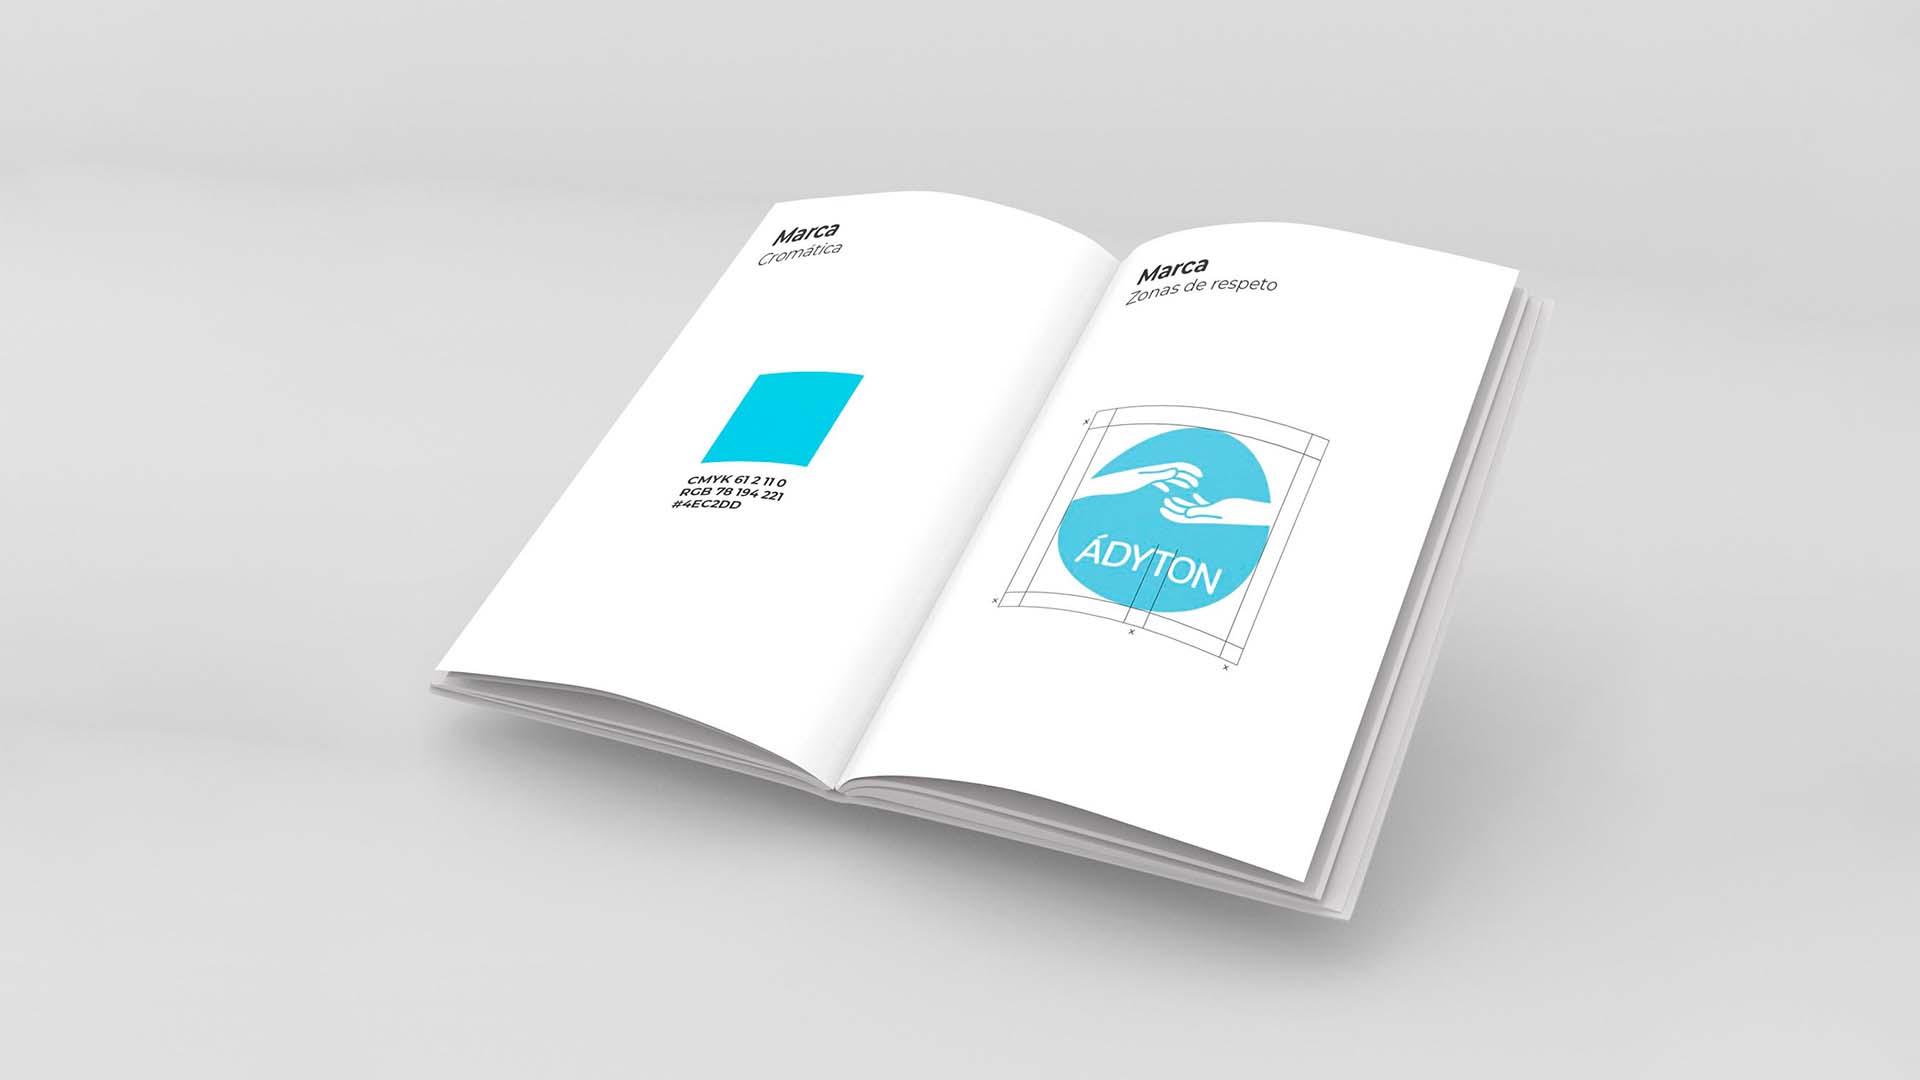 logotipo y web low cost para centro de adicciones | Olago